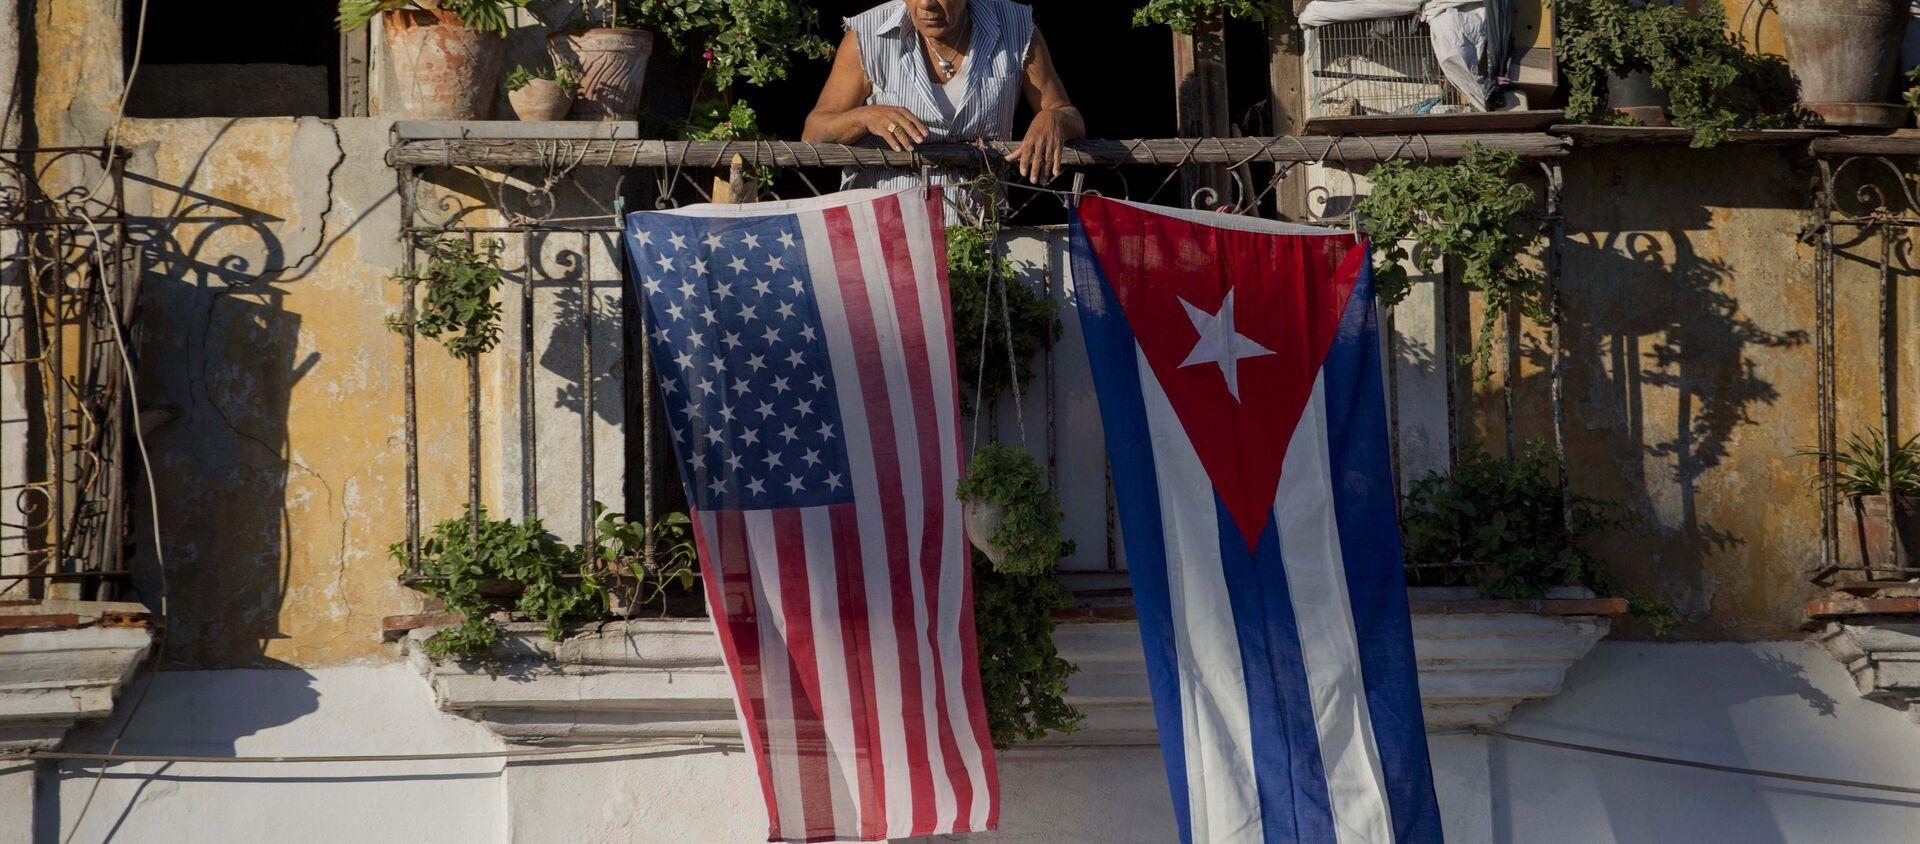 Las banderas de EEUU y Cuba (archivo) - Sputnik Mundo, 1920, 19.01.2021